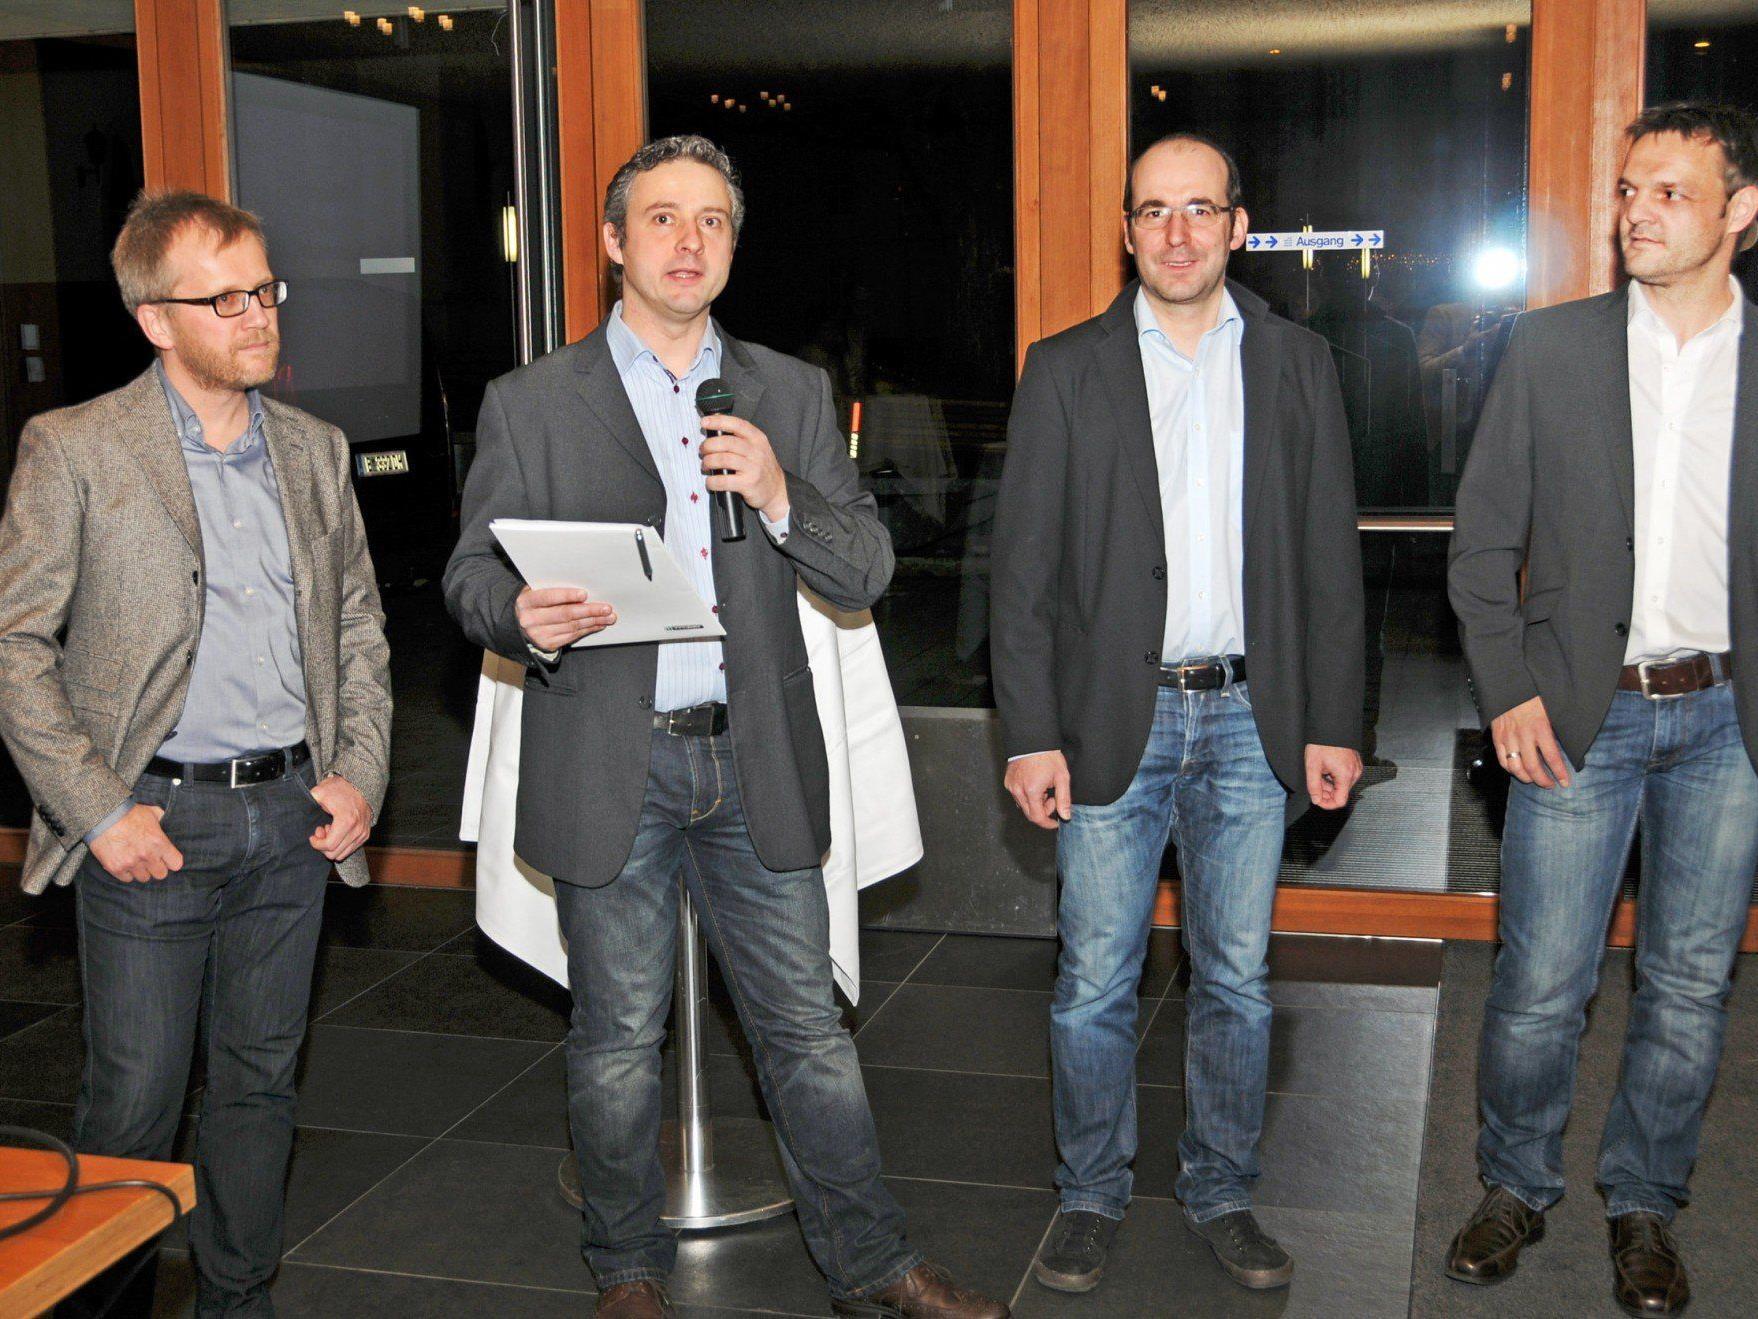 Markus Bacher, Christian Fröwis, Markus Schwärzler und Martin Übelhör vom Wirtschaftsbund Höchst.